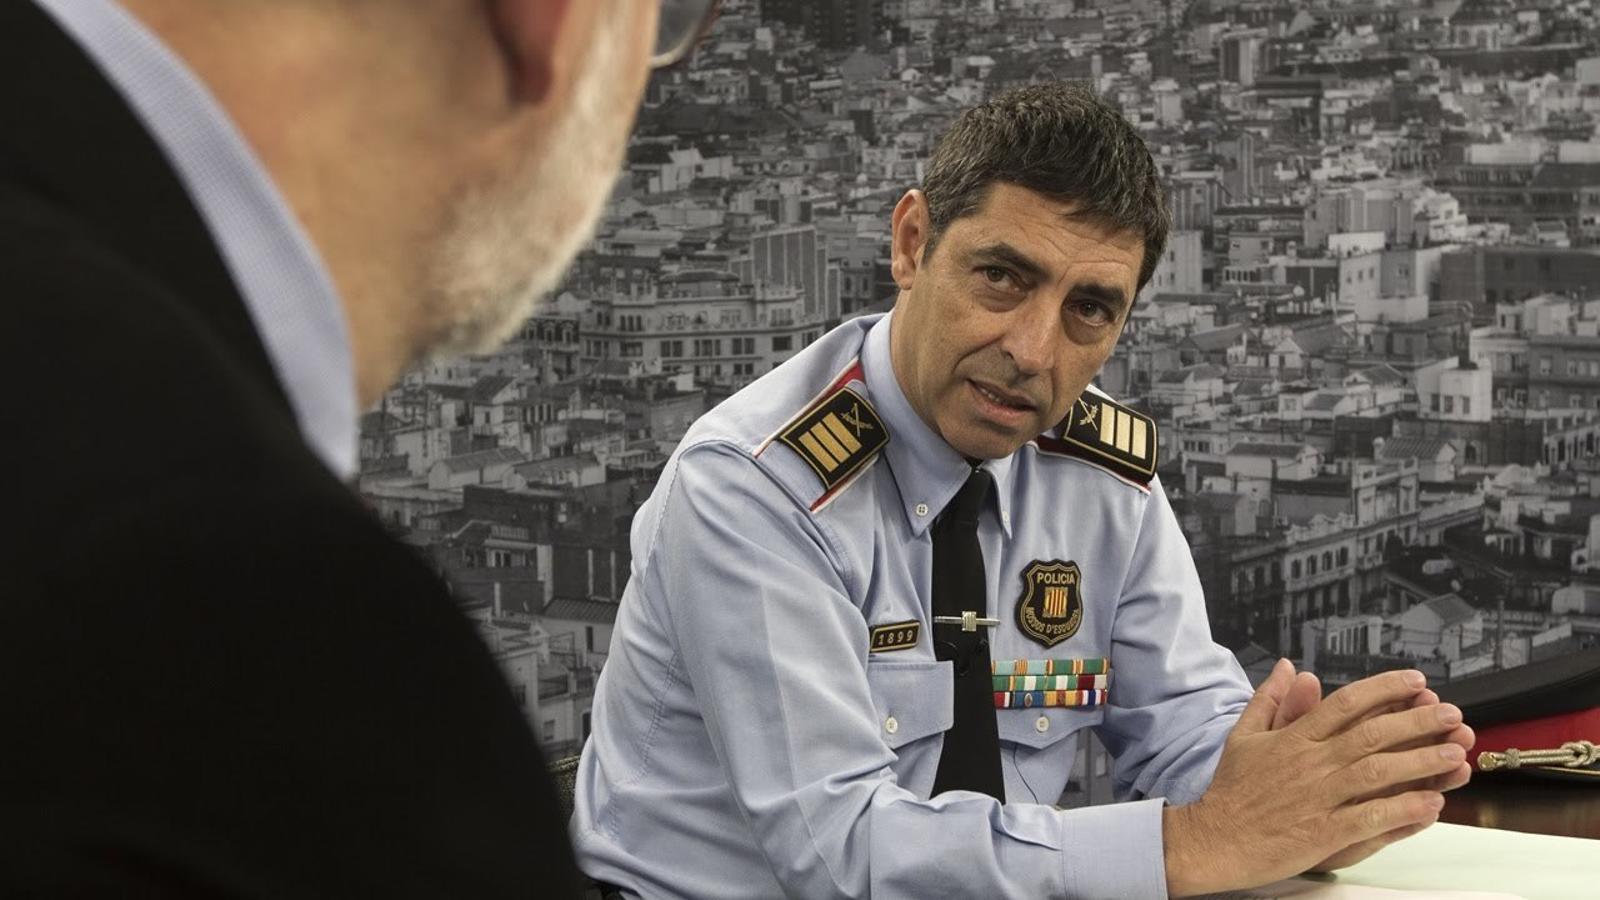 El cap dels Mossos explica com va començar la investigació sobre el grup jihadista